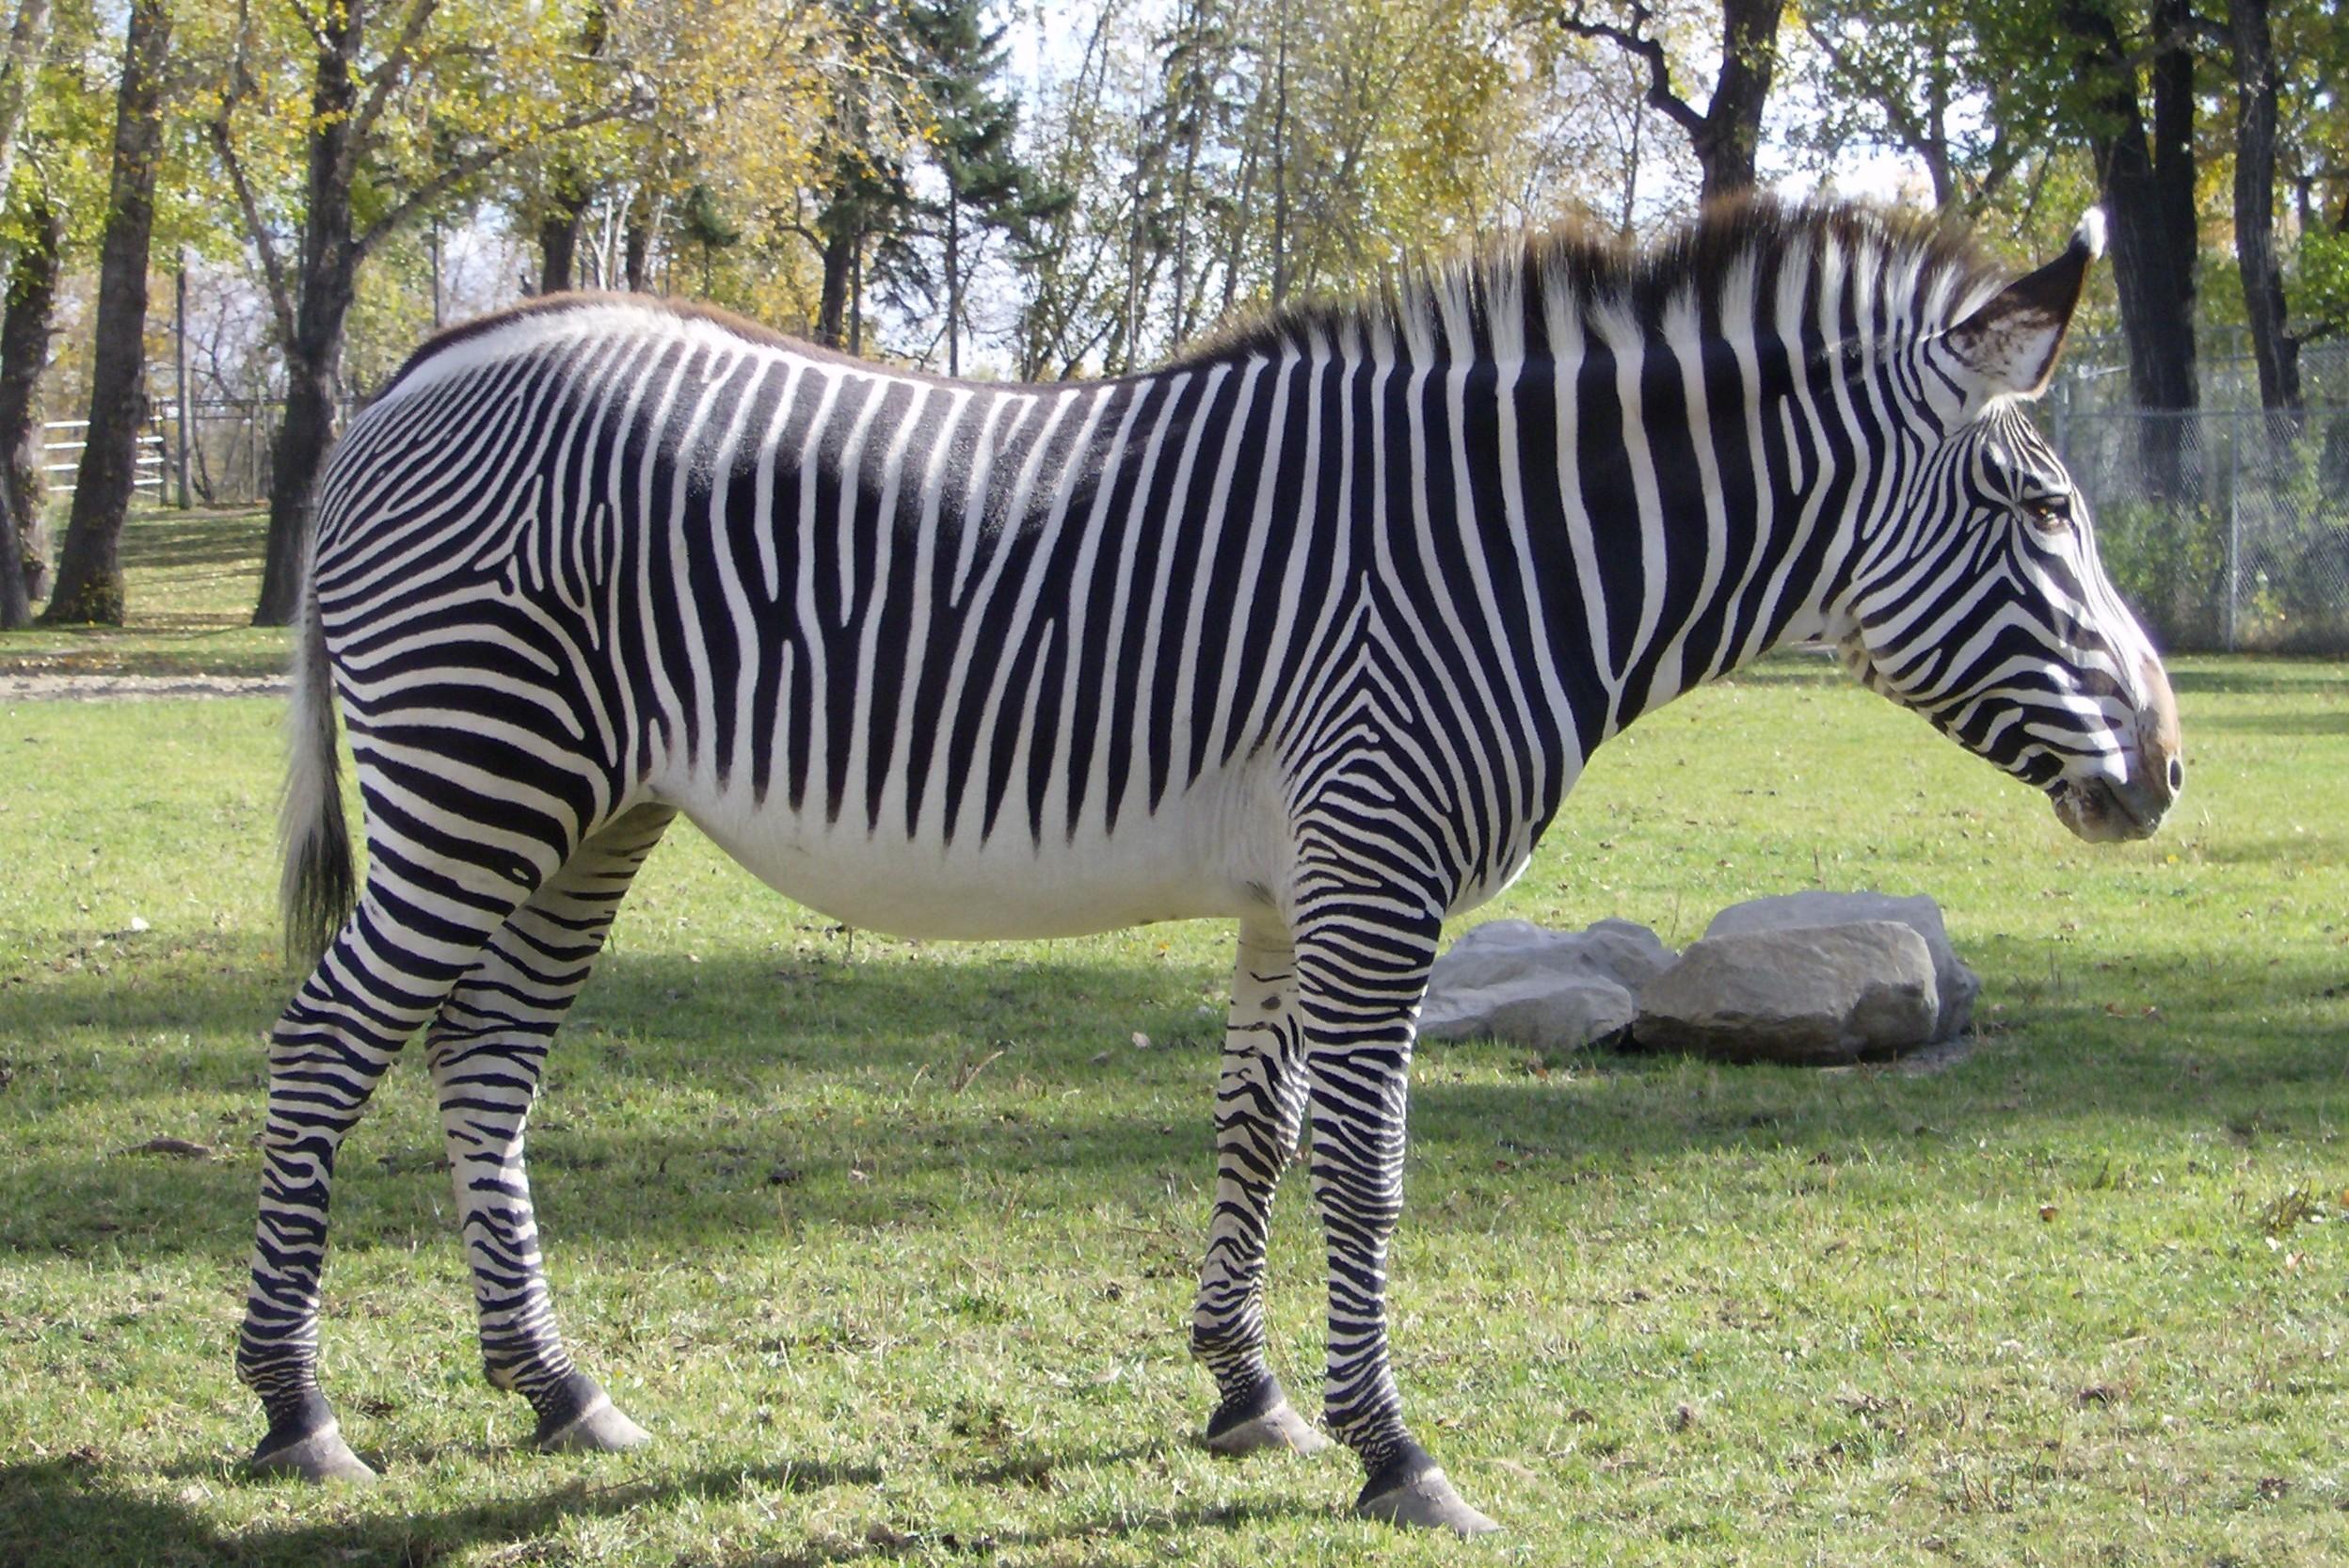 Zebra on Pinterest | Zebras, Skeletons and Africa